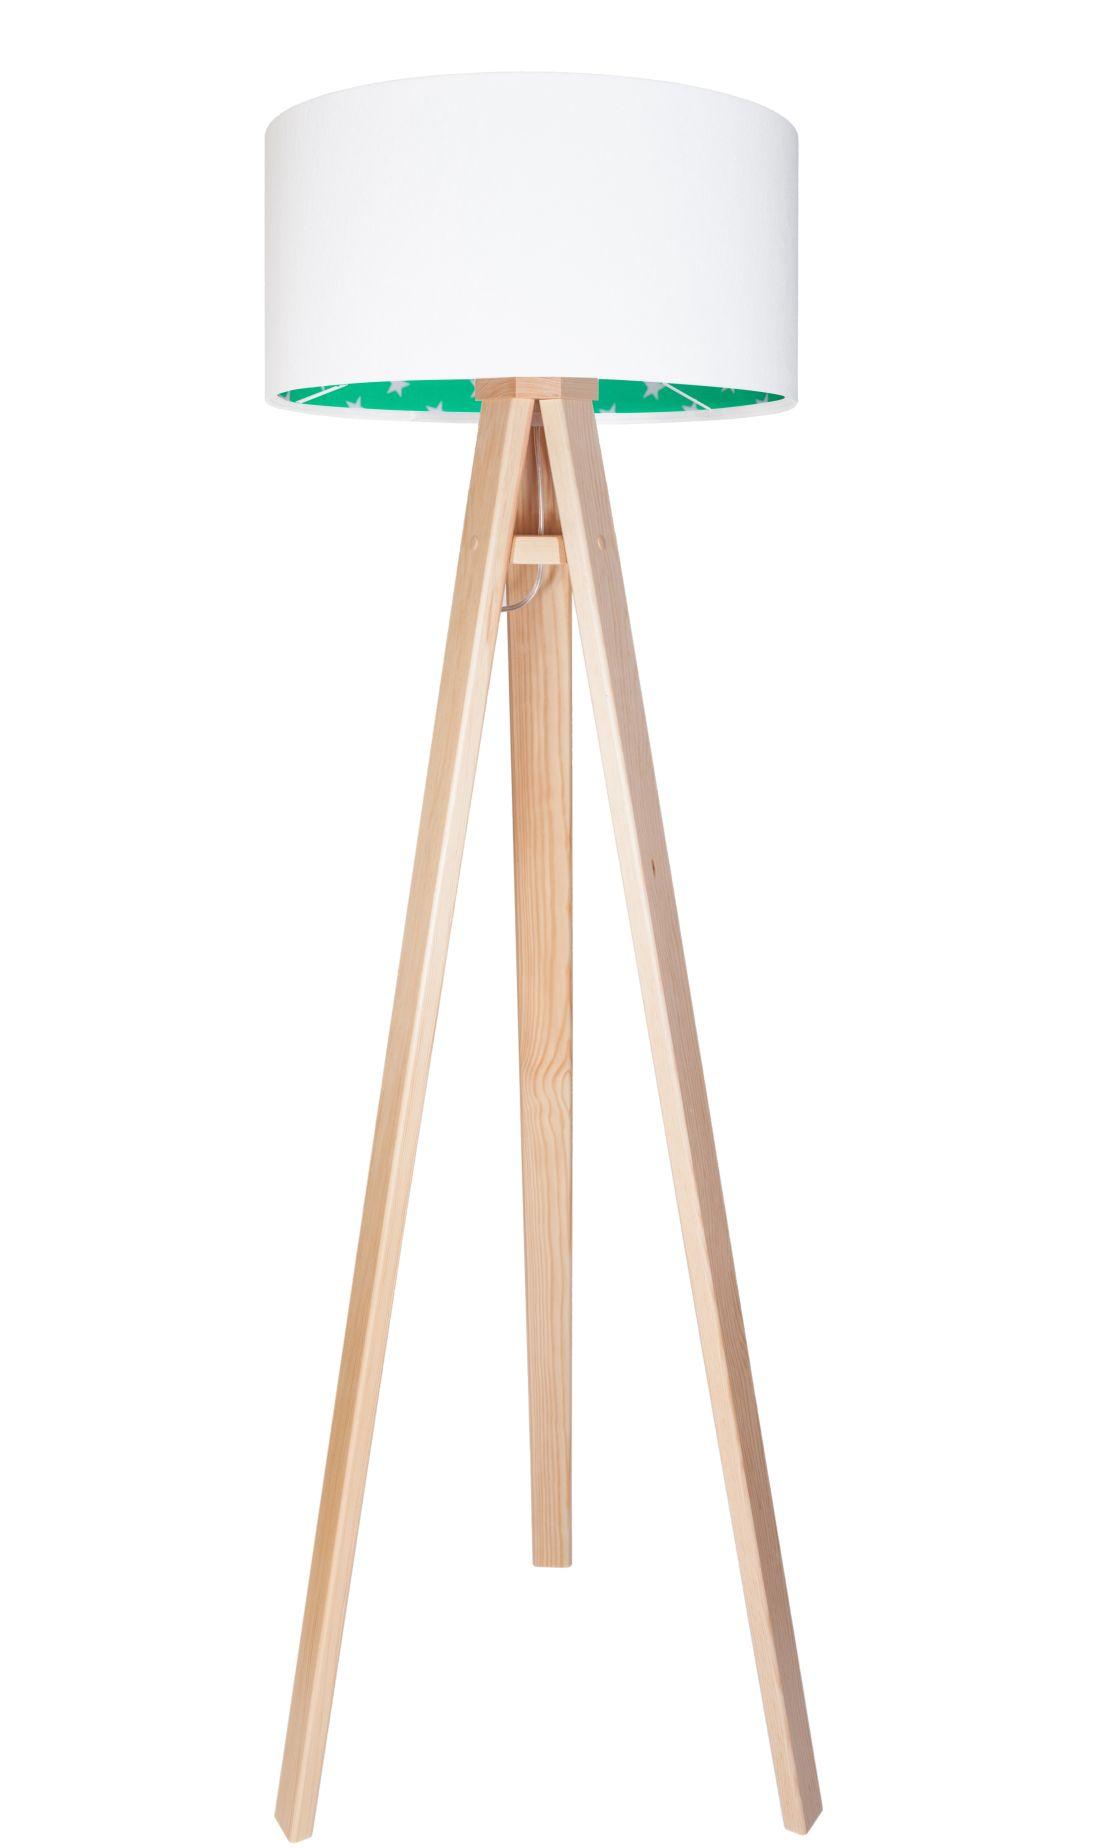 Stehlampe BECKA Weiß Grün Kinder Dreibein 140cm